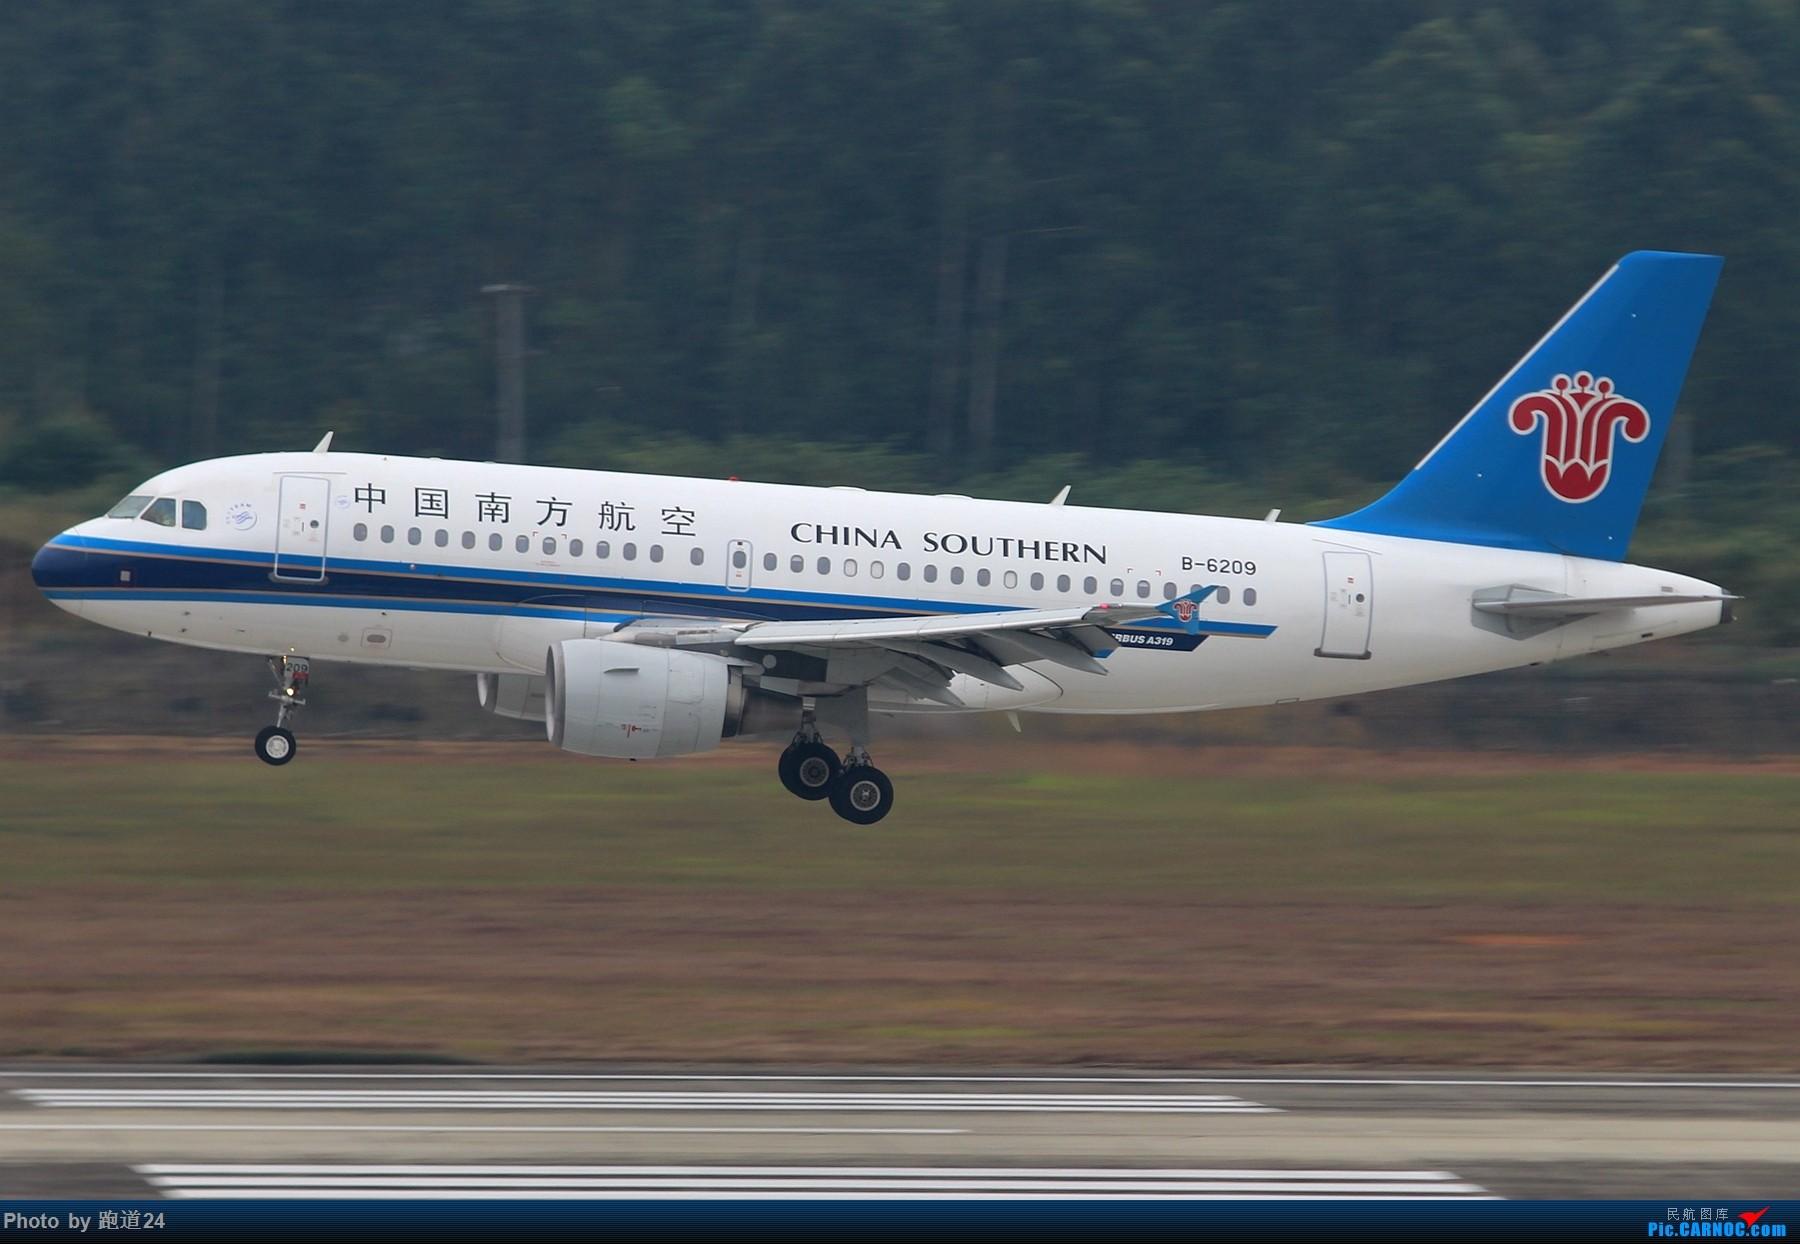 Re:[原创][原创]【多图党】国庆烂天10.7拍机 1800*1200 AIRBUS A319-100 B-6209 中国成都双流国际机场